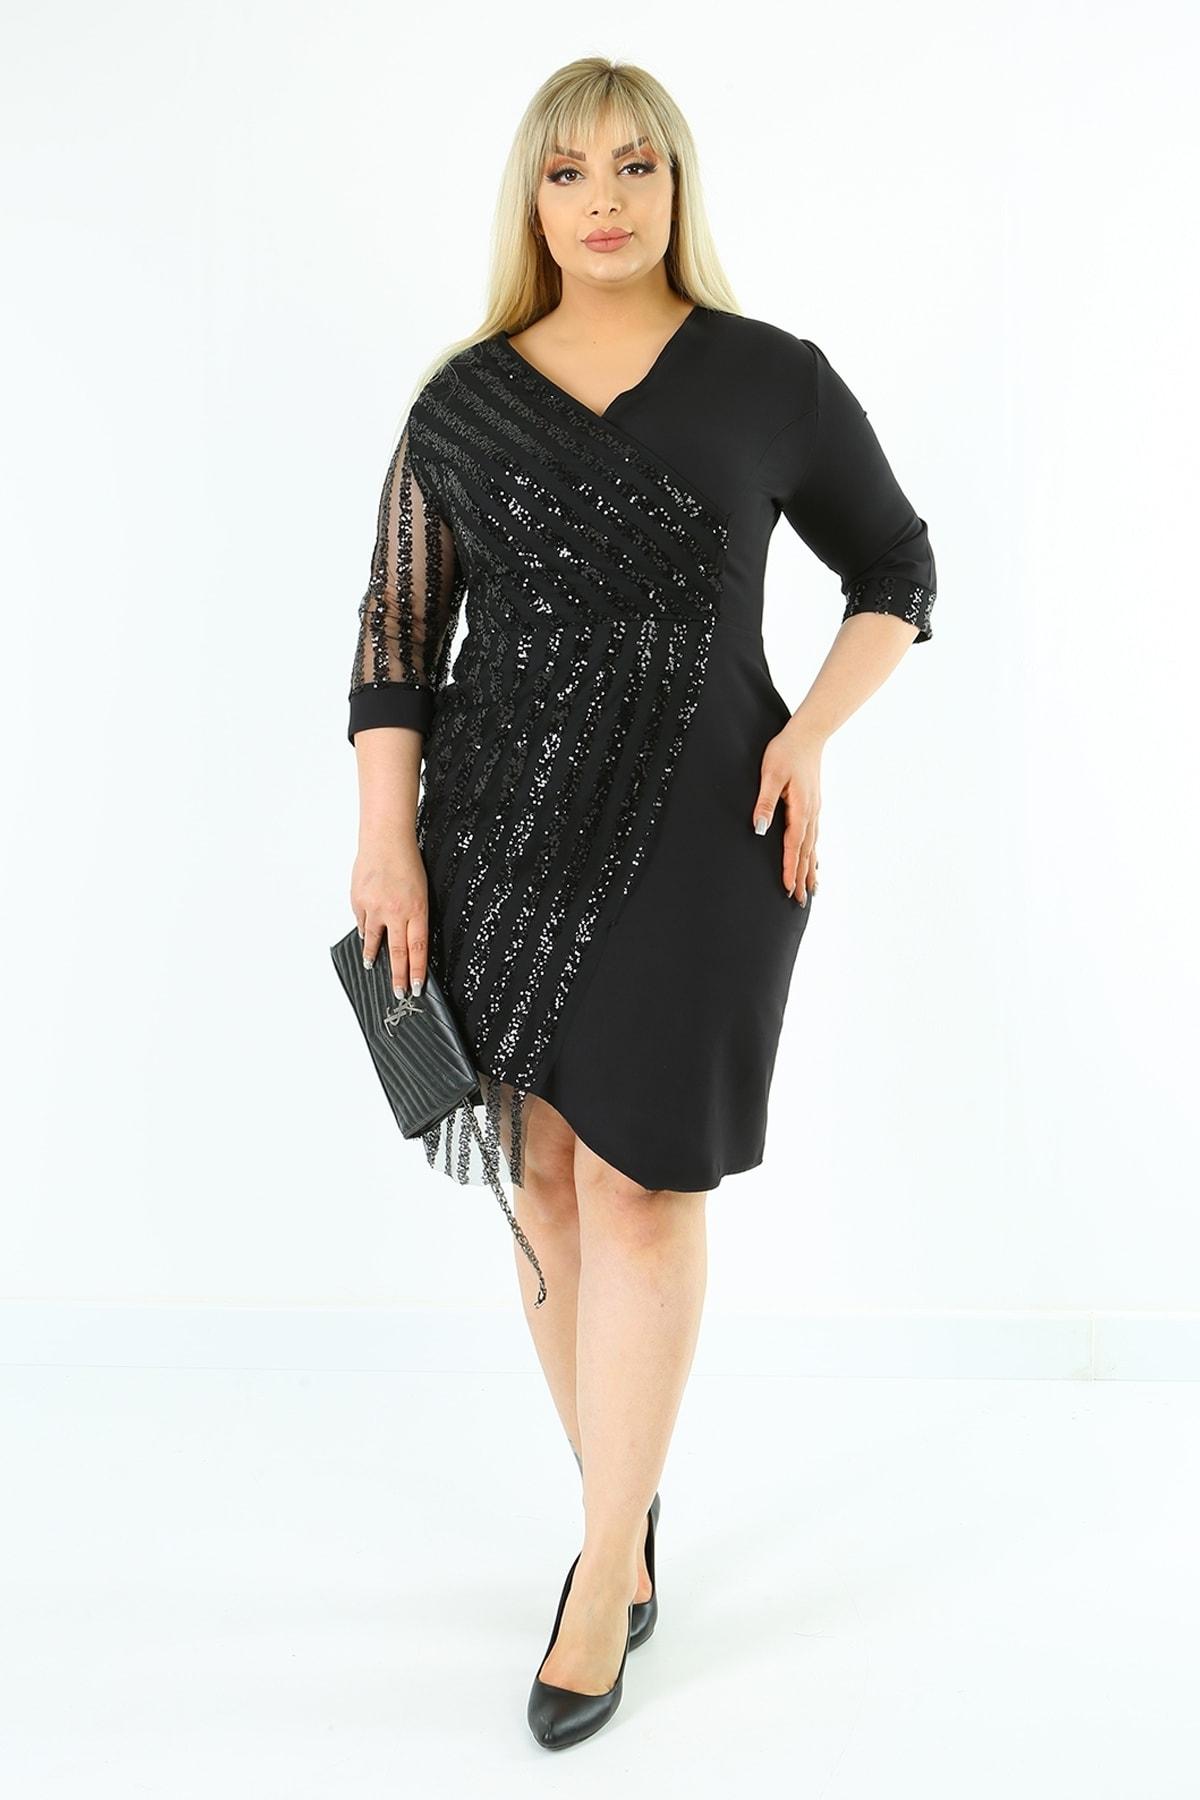 Kadın Siyah Büyük Beden Pul Garnili Elbise